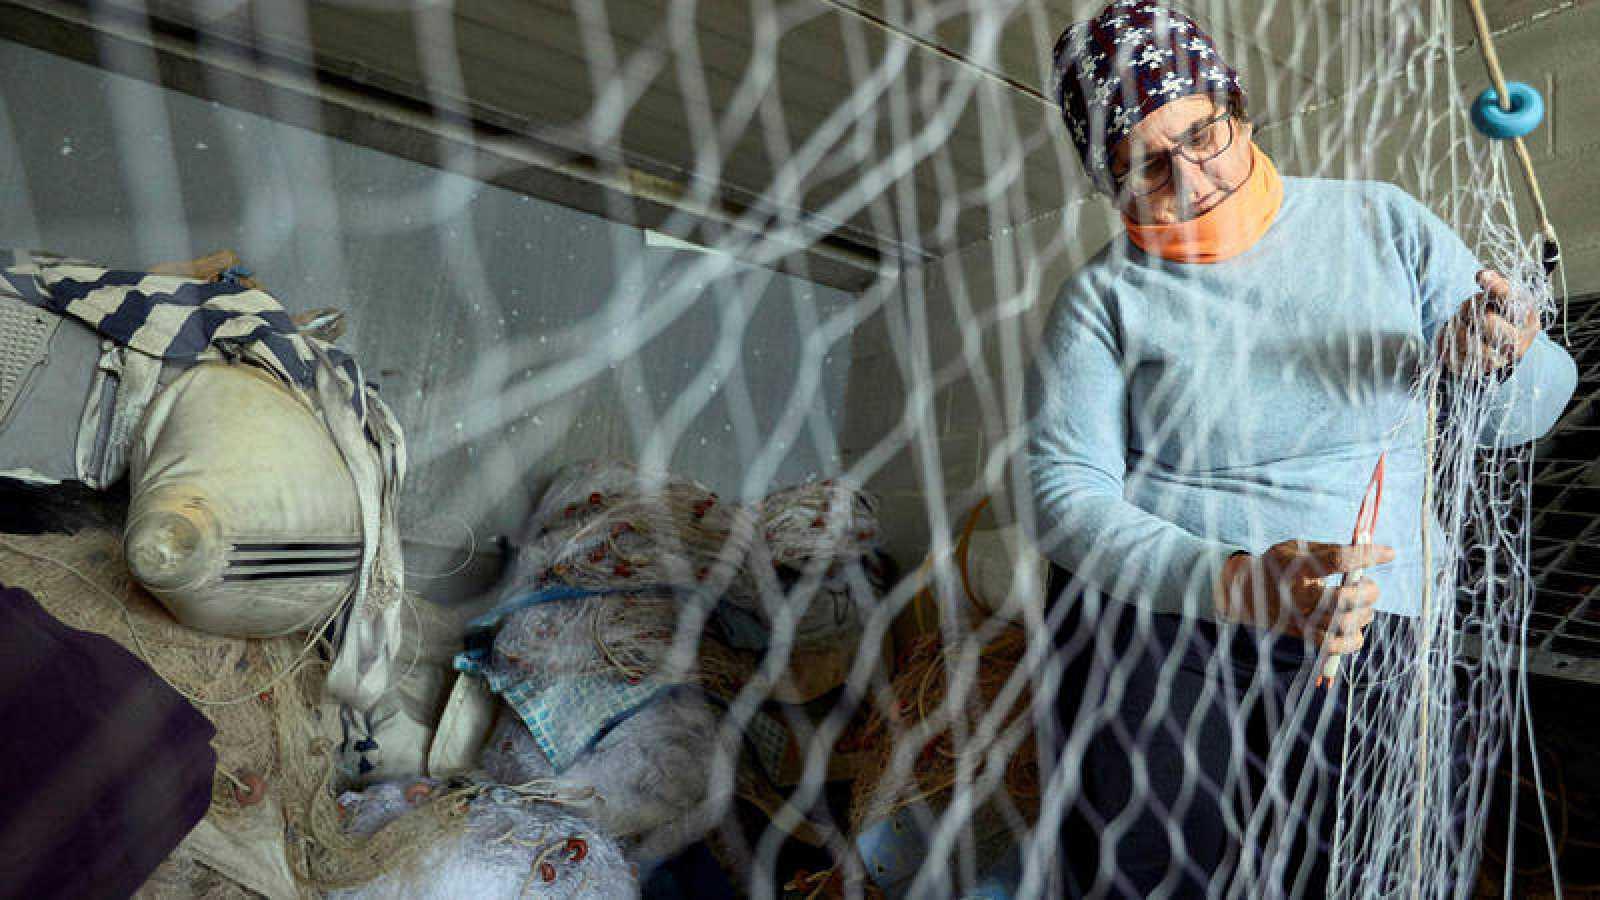 La presidenta de la asociación del mar del Grau de Gandia, mientras cose una red en la cofradía de pescadores